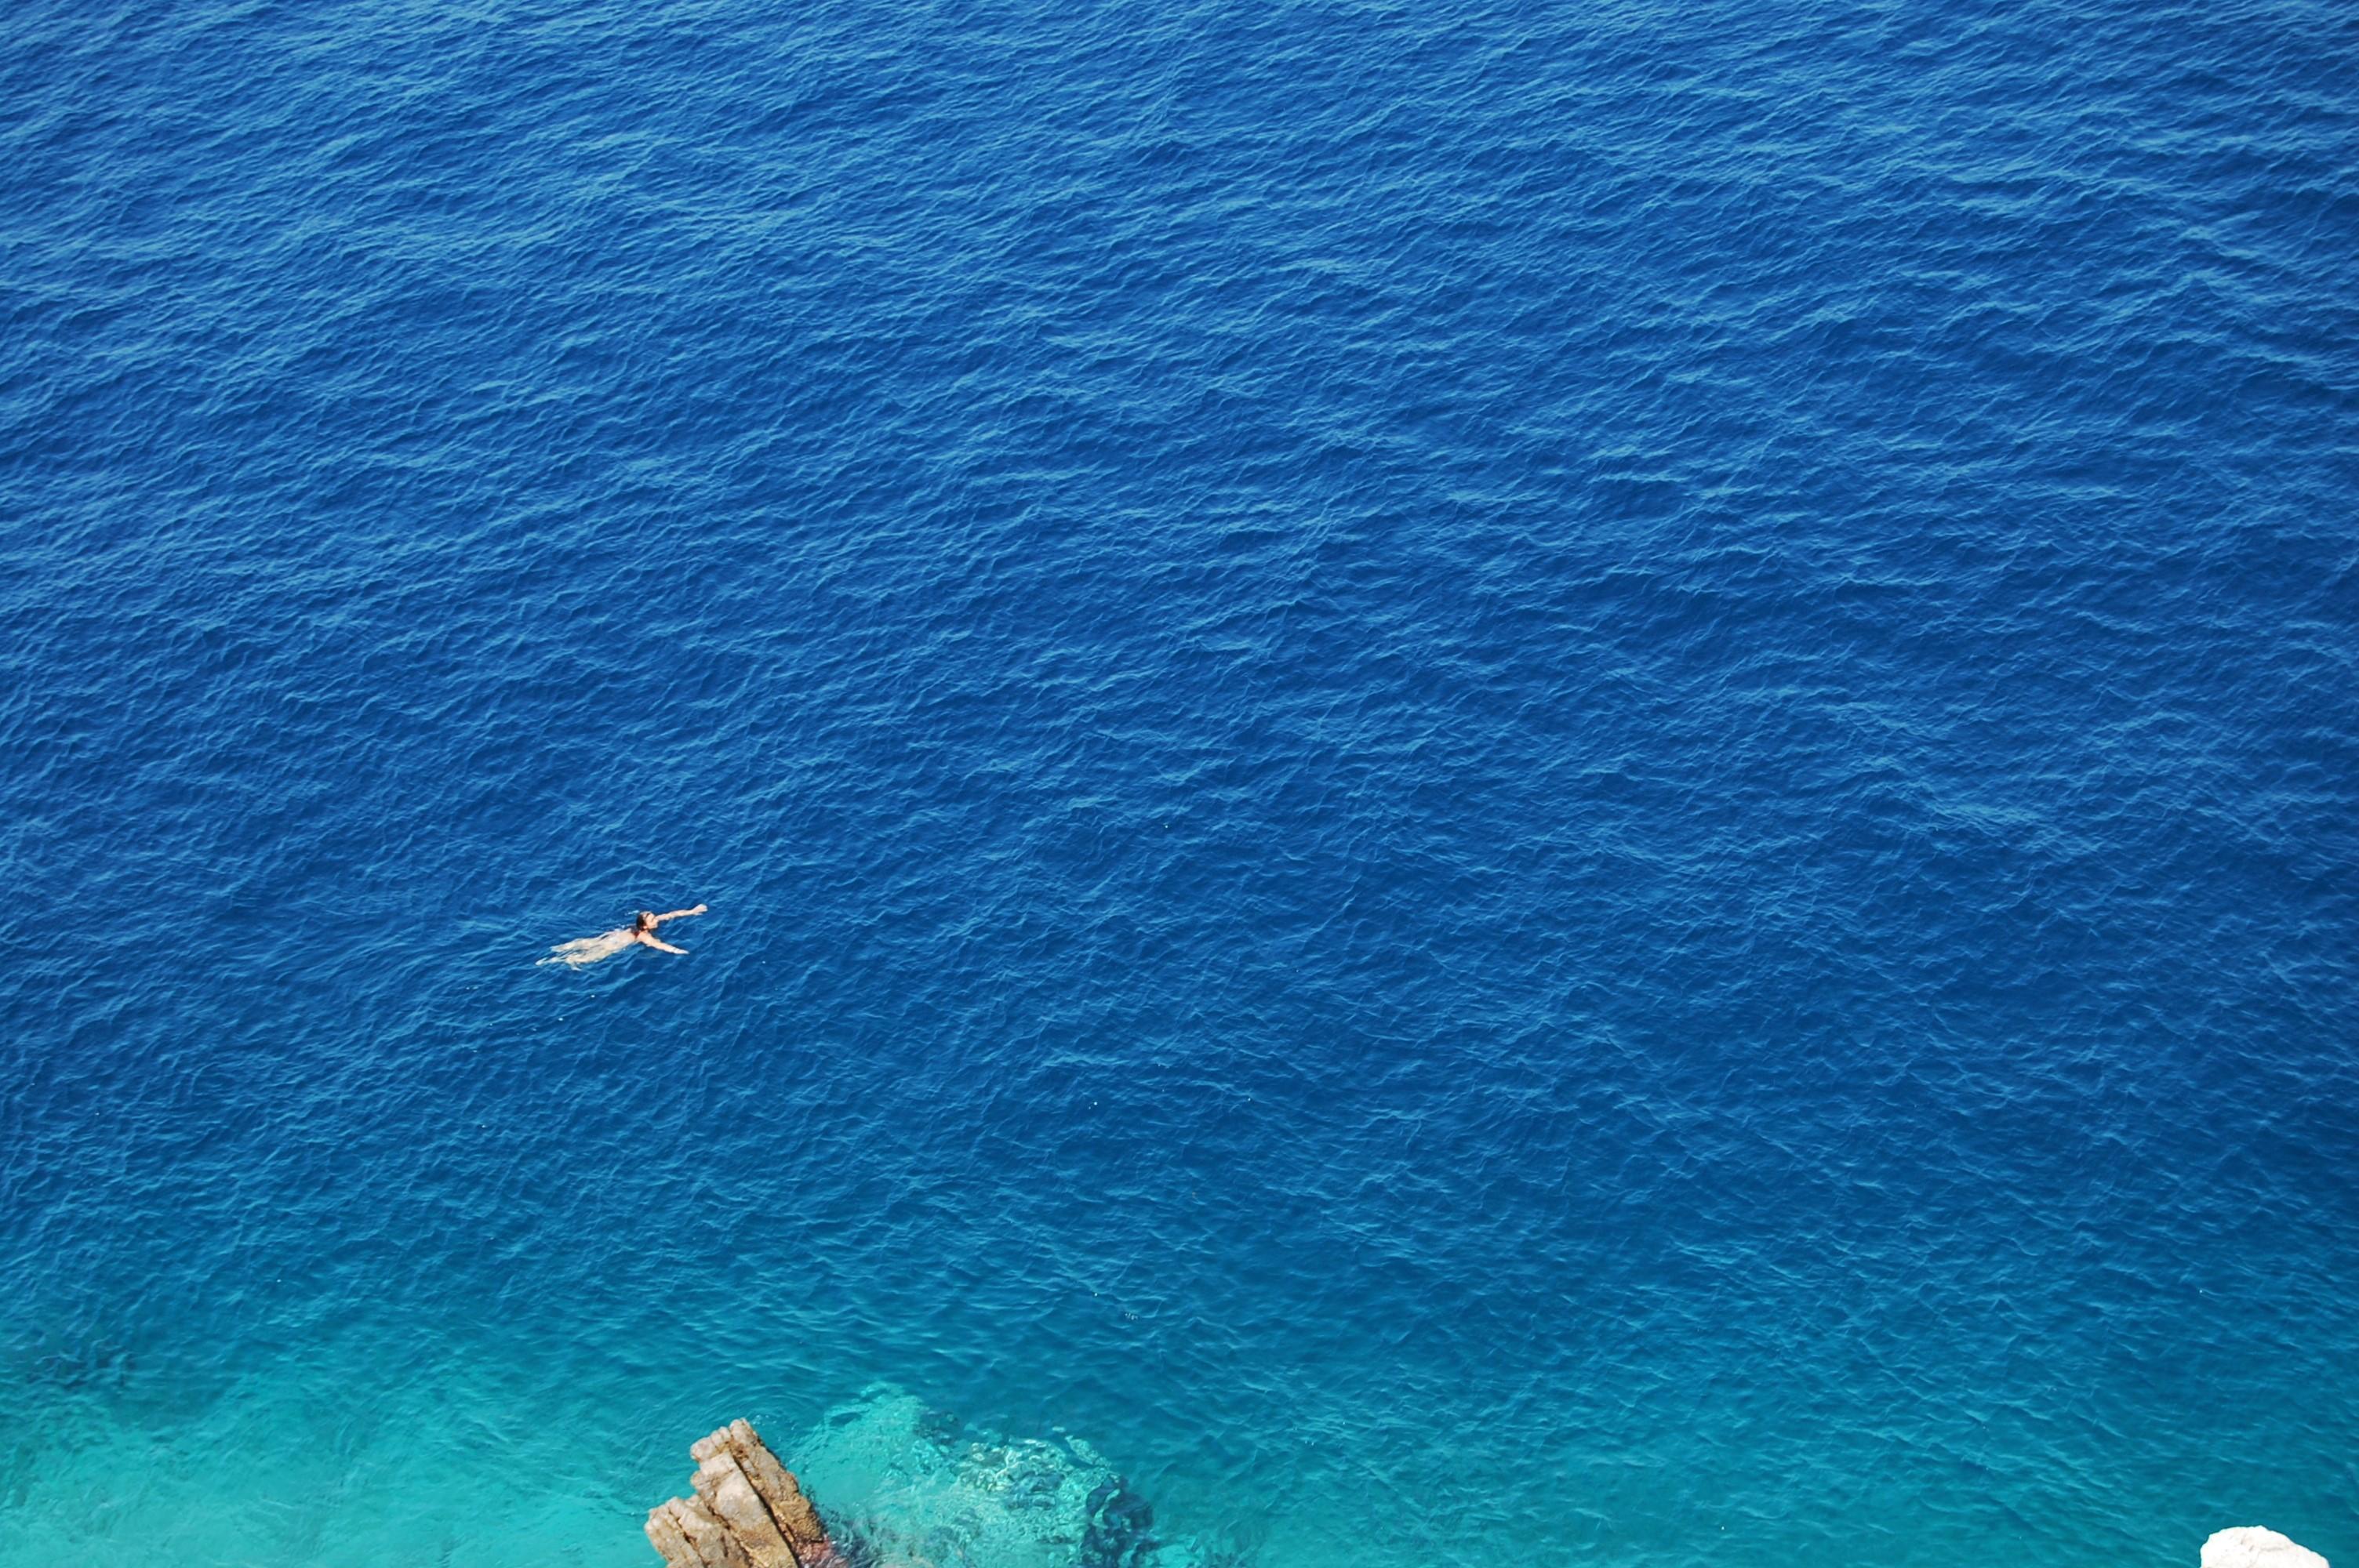 Hydra ~吸い込まれそうな碧い海!今年もイドラ島へ~